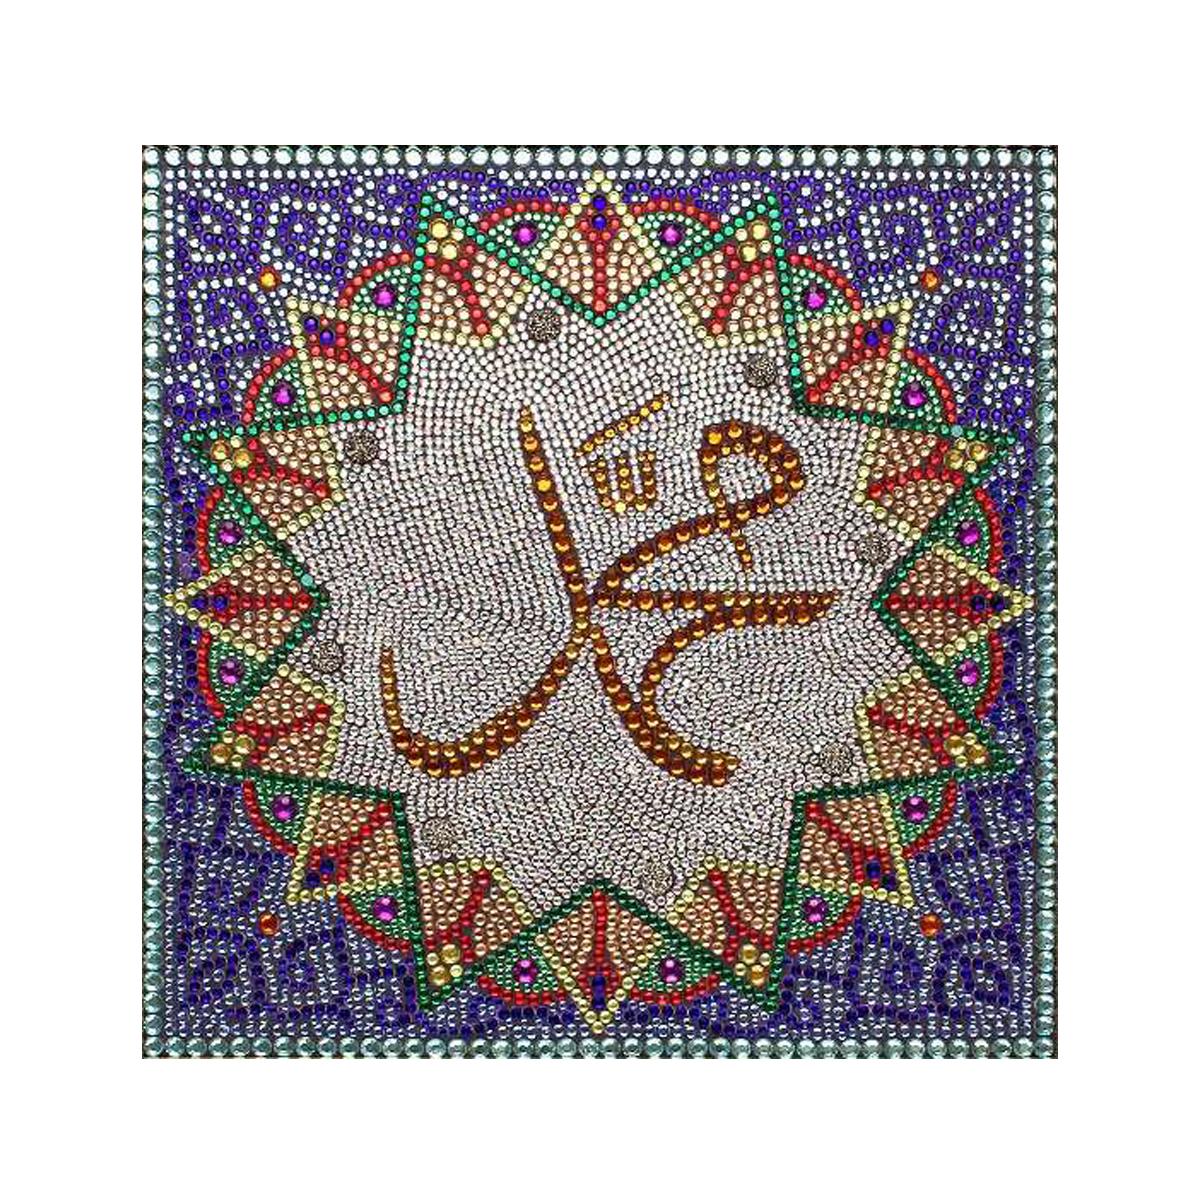 Алмазная мозаика Преобрана Мухаммед - пророк Аллаха, 28 см х 28 см. 0202549675Относительно новый вид рукоделия — выкладывание стразами. Невероятные по красоте картины, вы можете создать при помощи десятков сверкающих деталей. Выбирайте любой из наборов Преобрана и приступайте к созданию собственного шедевра. Размер готовой работы: 28х28 см. 23 вида элементов. Состав набора: - стразы термоклеевые; - стразы пришивные; - ткань с нанесенной схемой; - инструкция. Для изготовление картины рекомендовано использовать термоаппликатор. Однако, использование клея, для установки страз, остается на Ваше усмотрение.